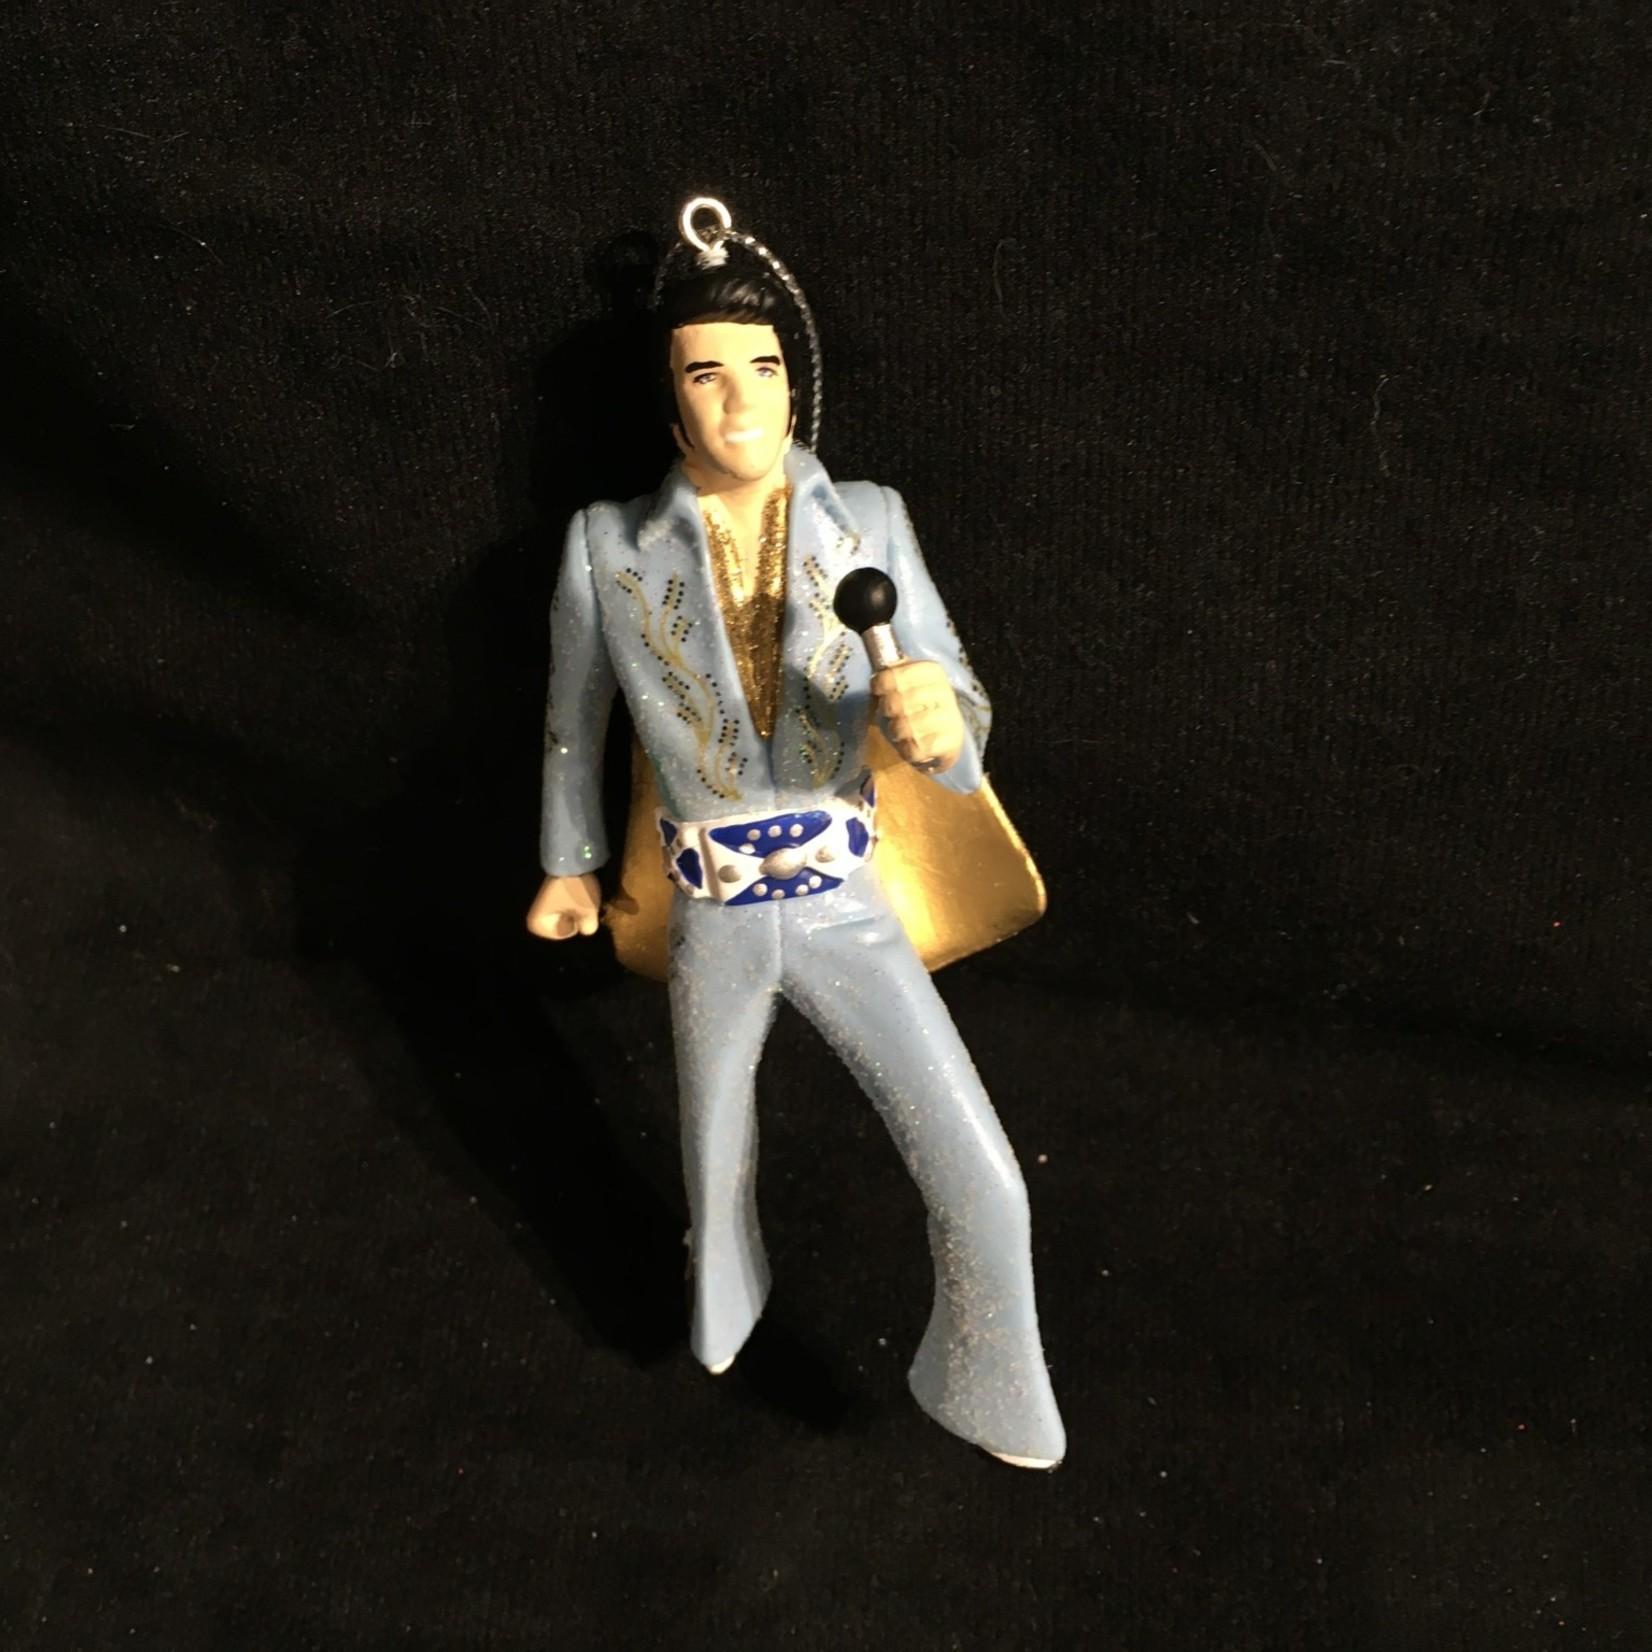 Blue Suit Elvis Orn